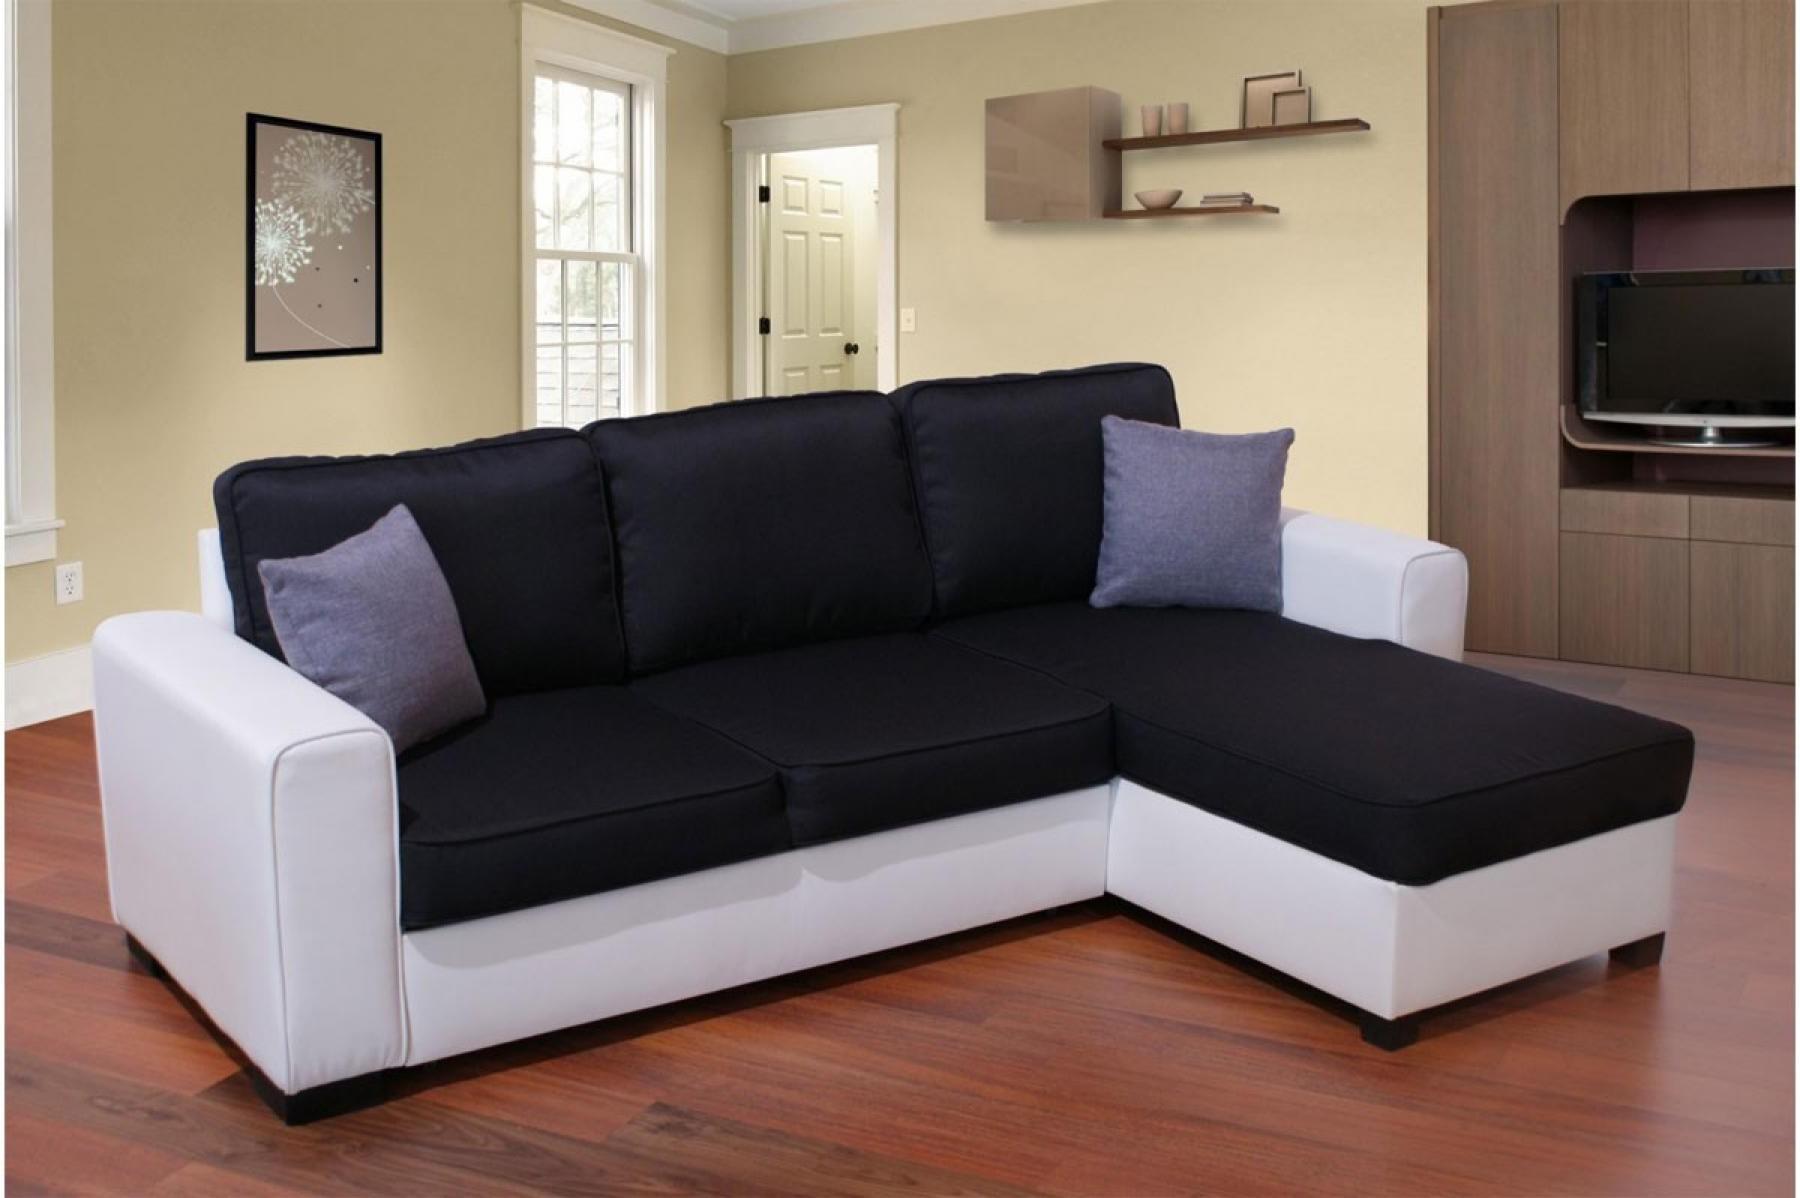 Canapé D'angle Noir Et Blanc Conforama